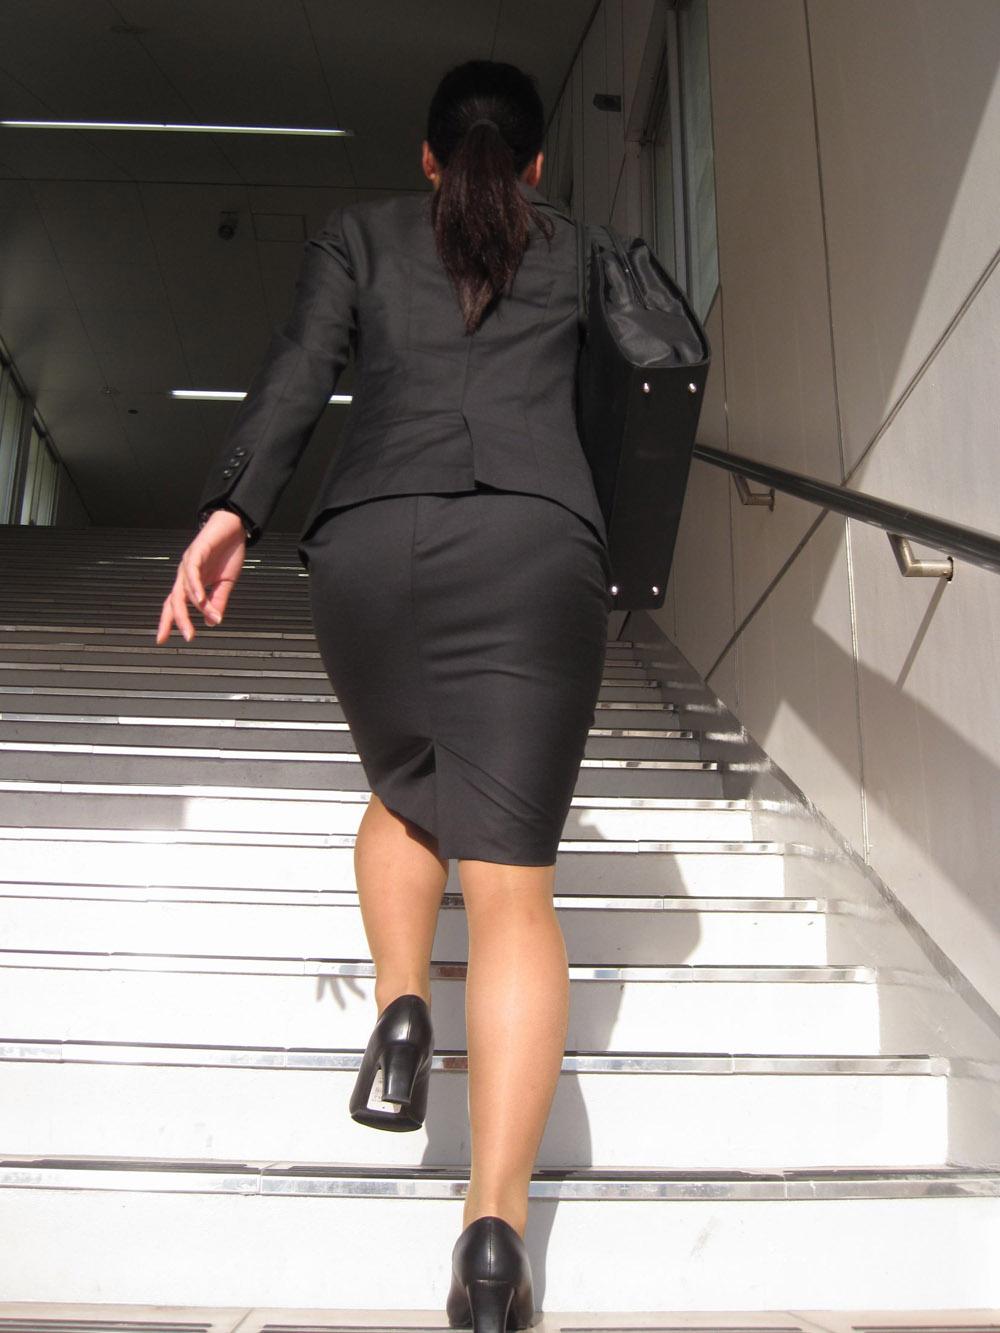 階段やエスカレーターで取ったタイトスカートのお尻街撮り素人エロ画像4